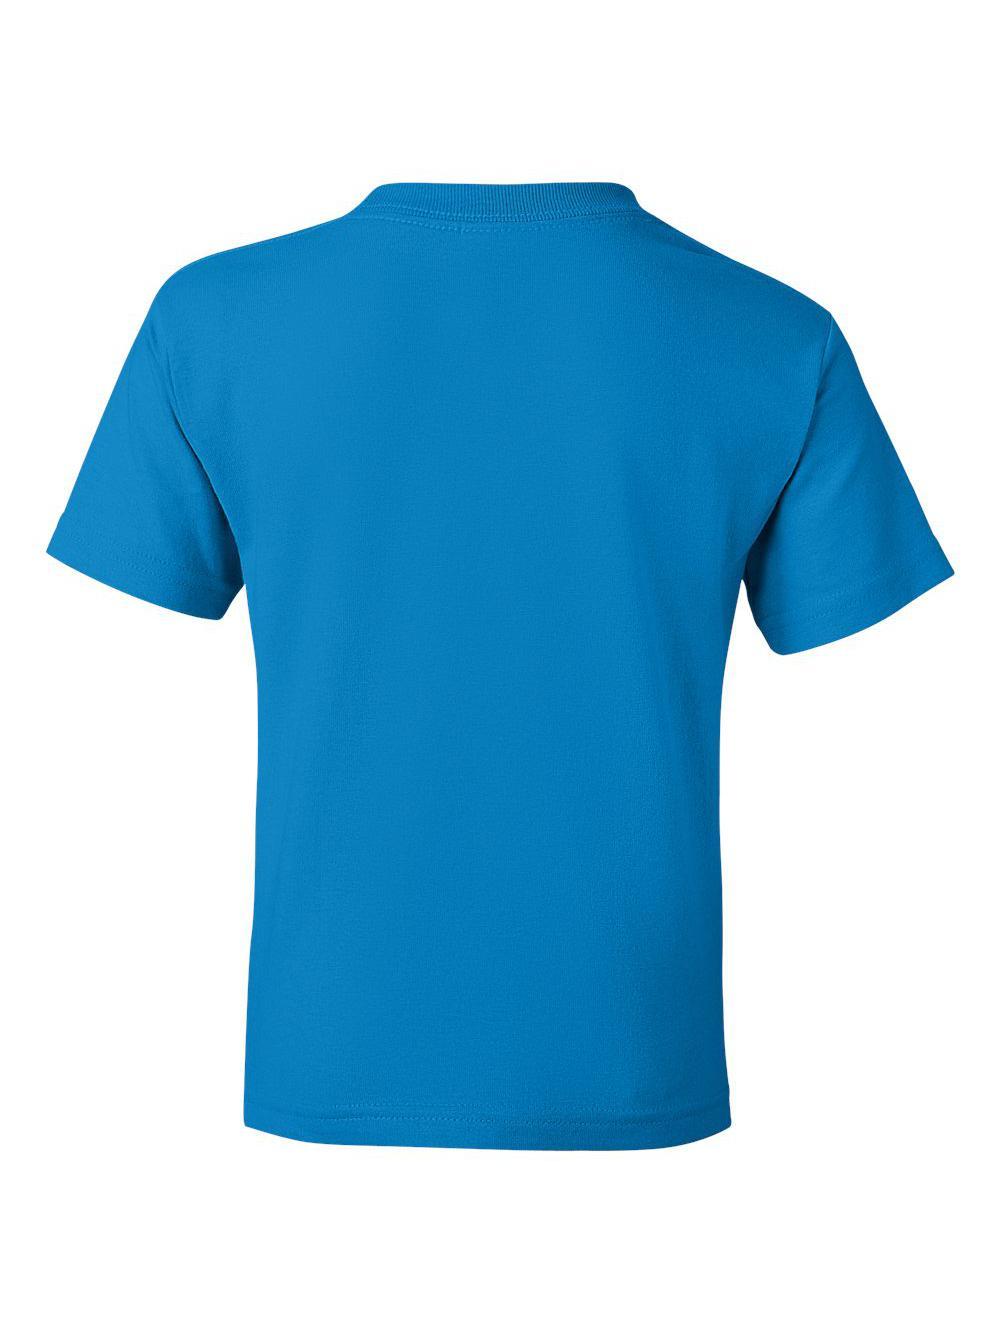 Gildan-DryBlend-Youth-50-50-T-Shirt-8000B thumbnail 88